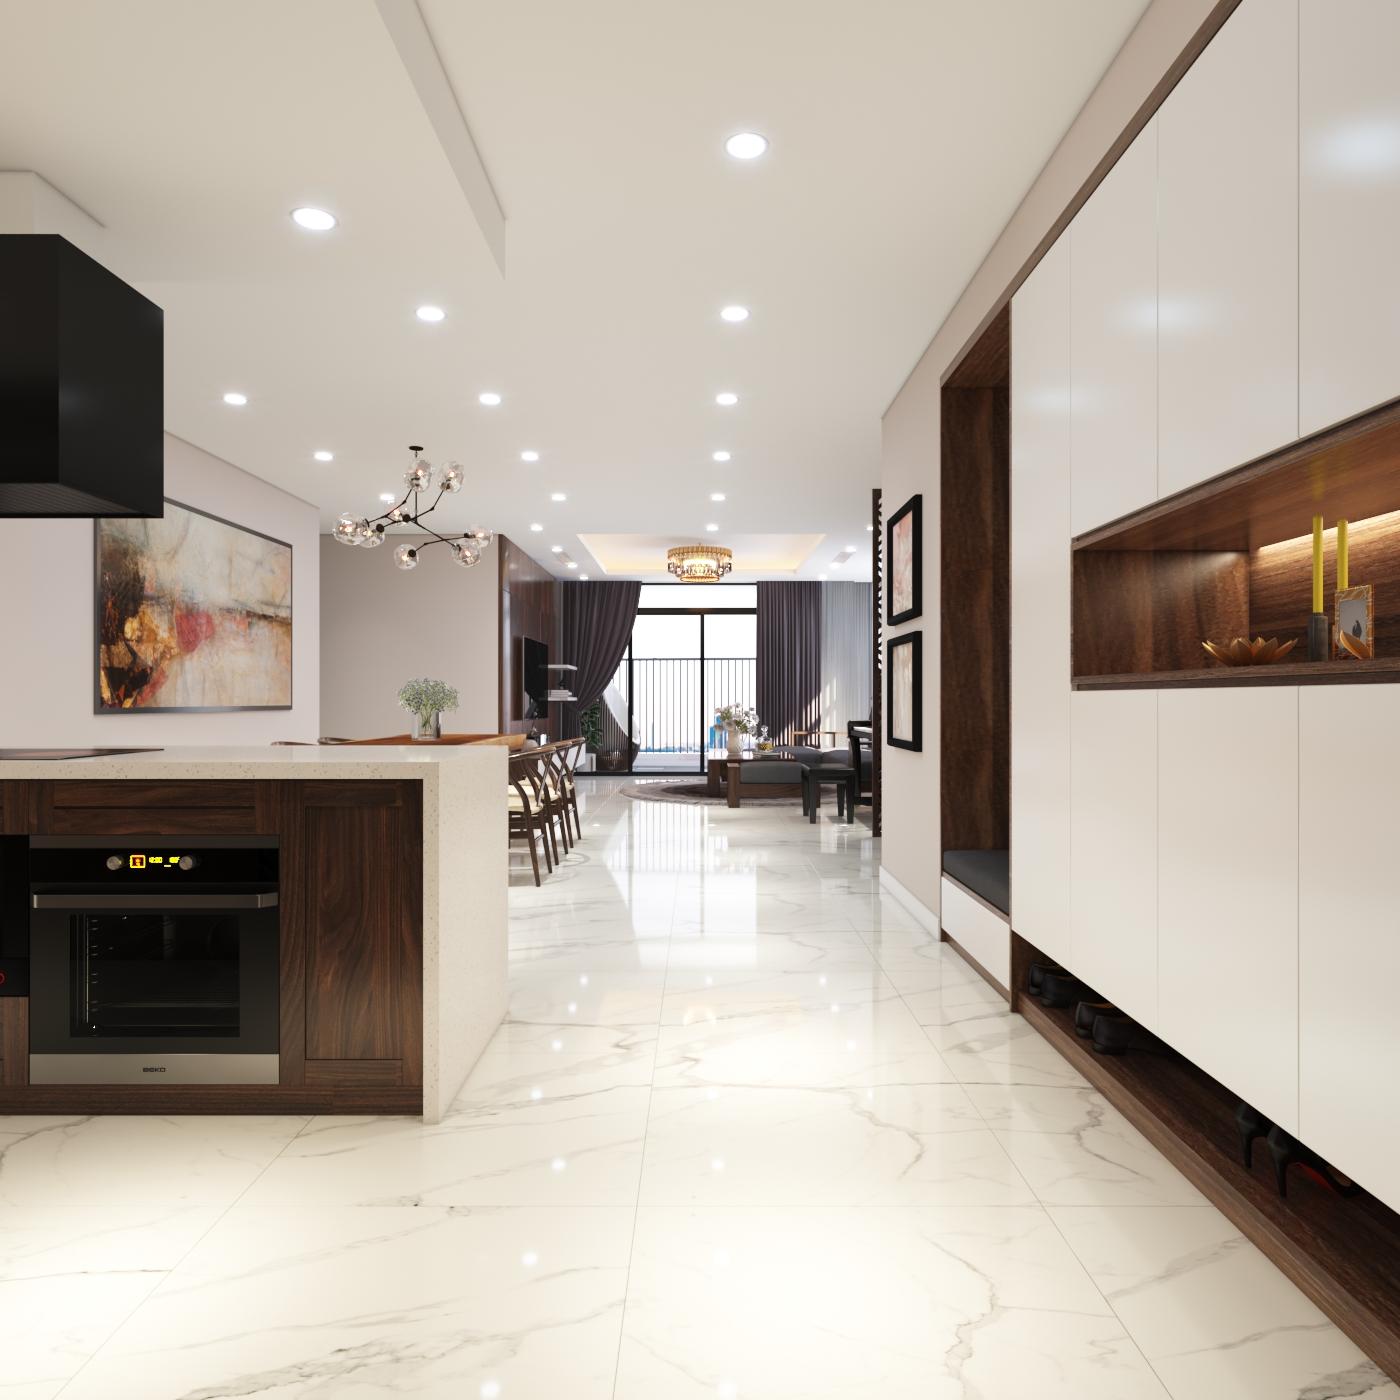 Thiết kế nội thất Chung Cư tại Hà Nội Chung cư New Skyline Văn Quán 1580465734 1